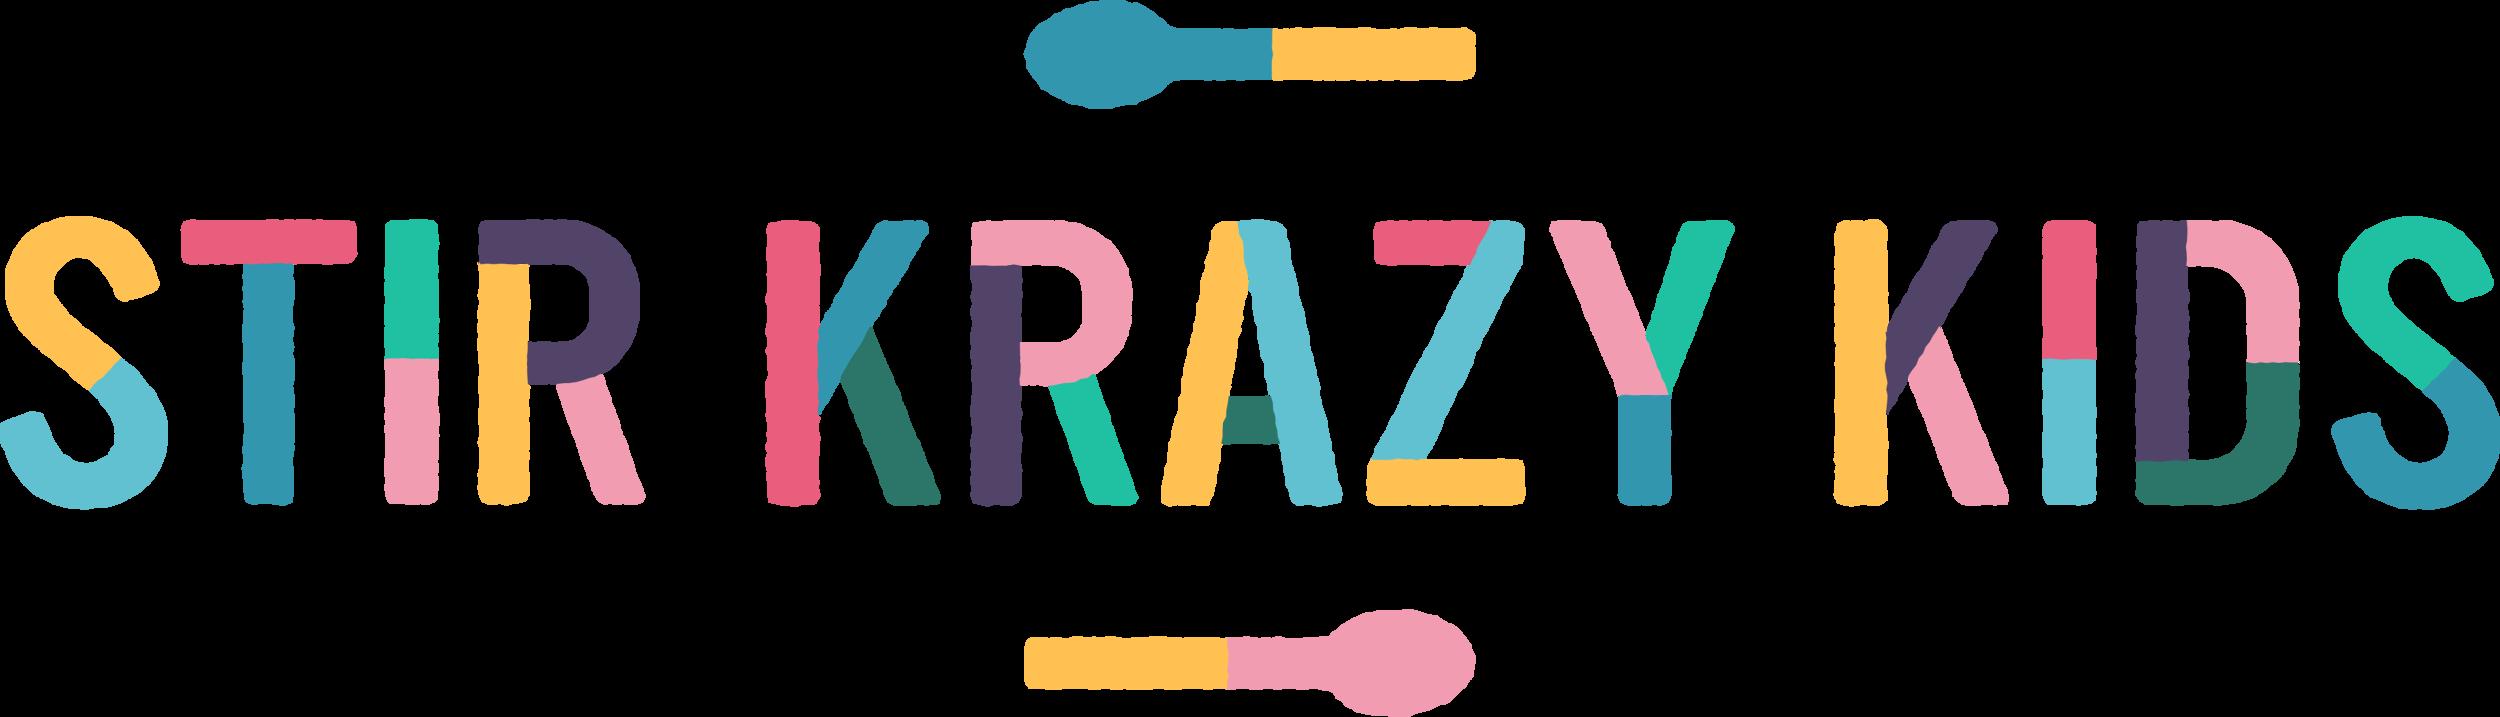 Stir Krazy Kids logo